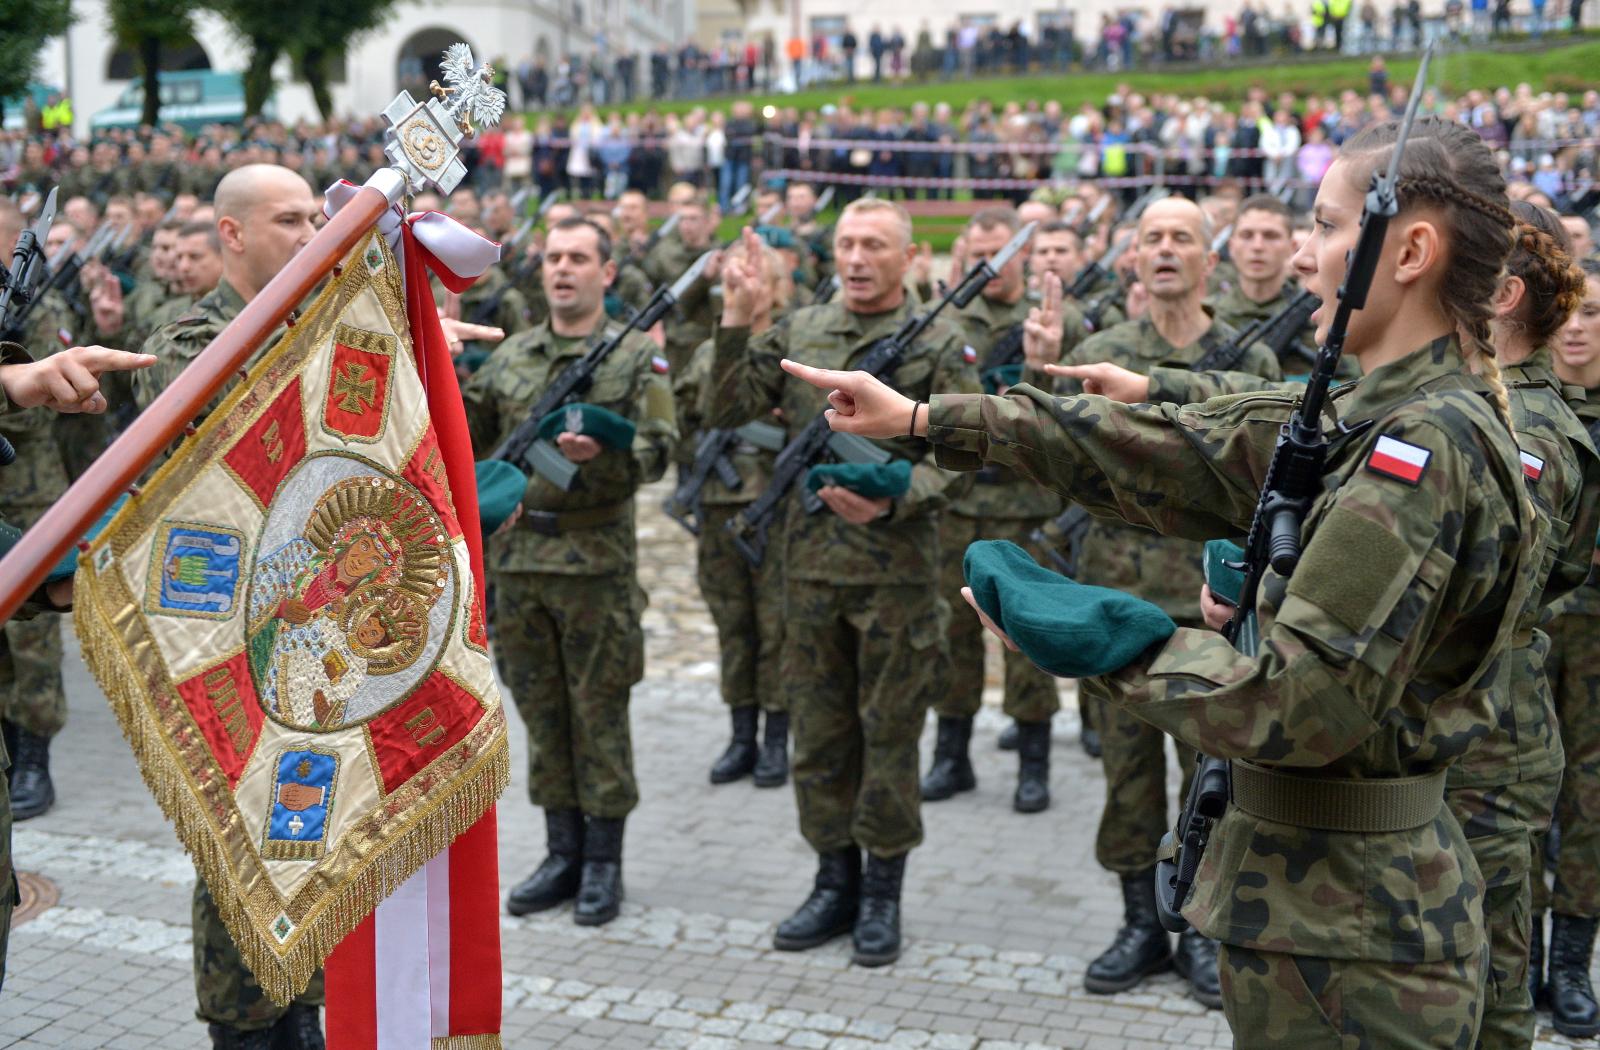 Ślubowanie żołnierzy na ulicach Przemyśla, Polska